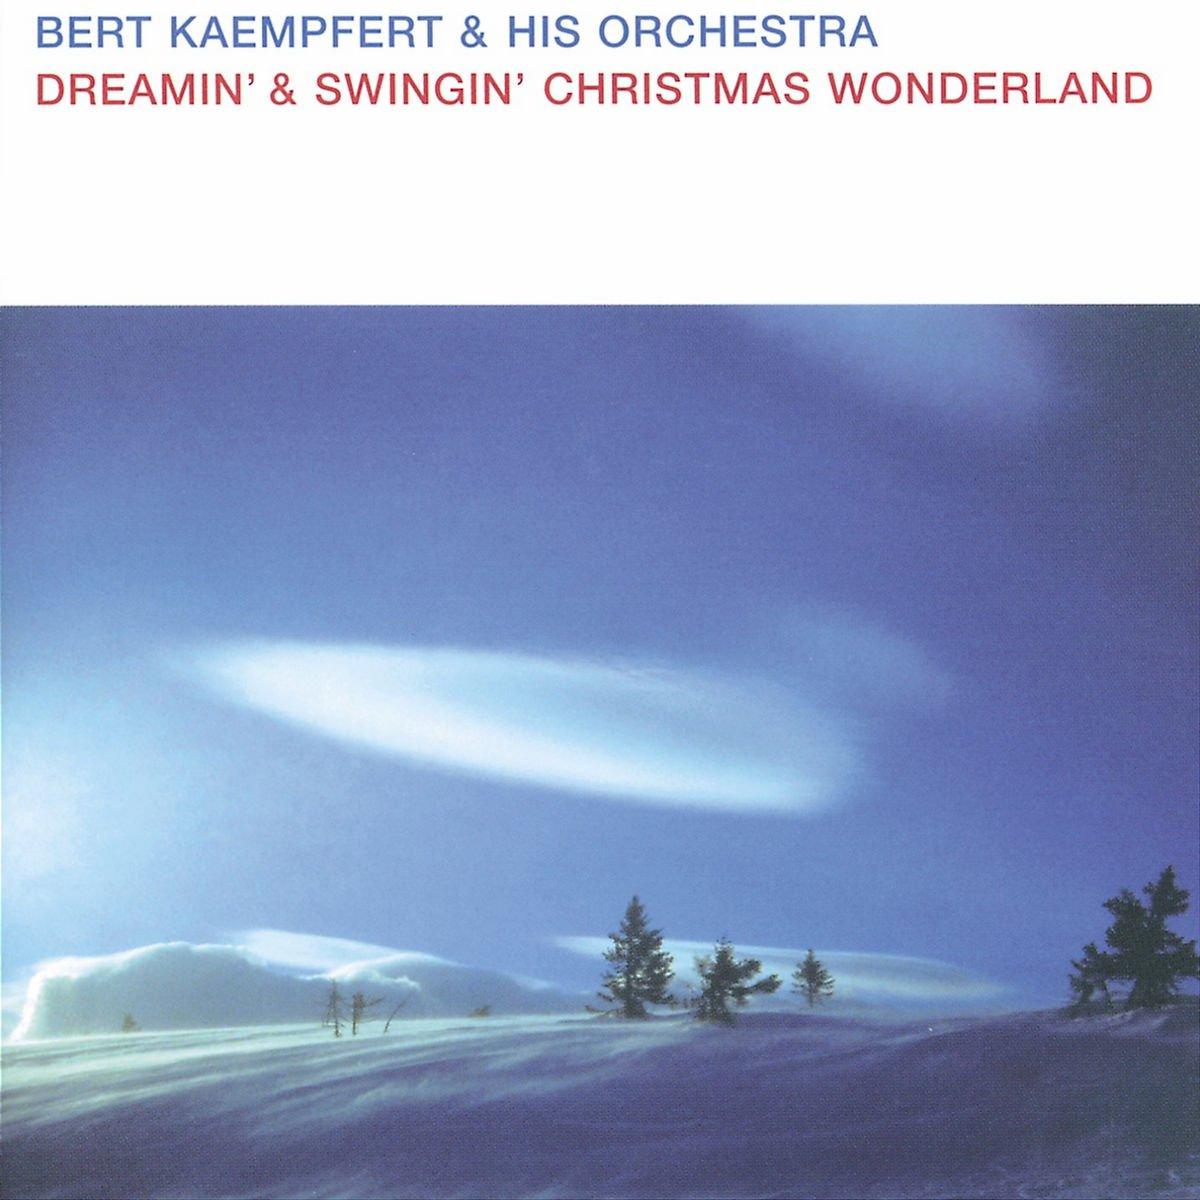 Dreamin' & Swingin' Christmas Wonderland von Bert Kämpfert & his Orchestra